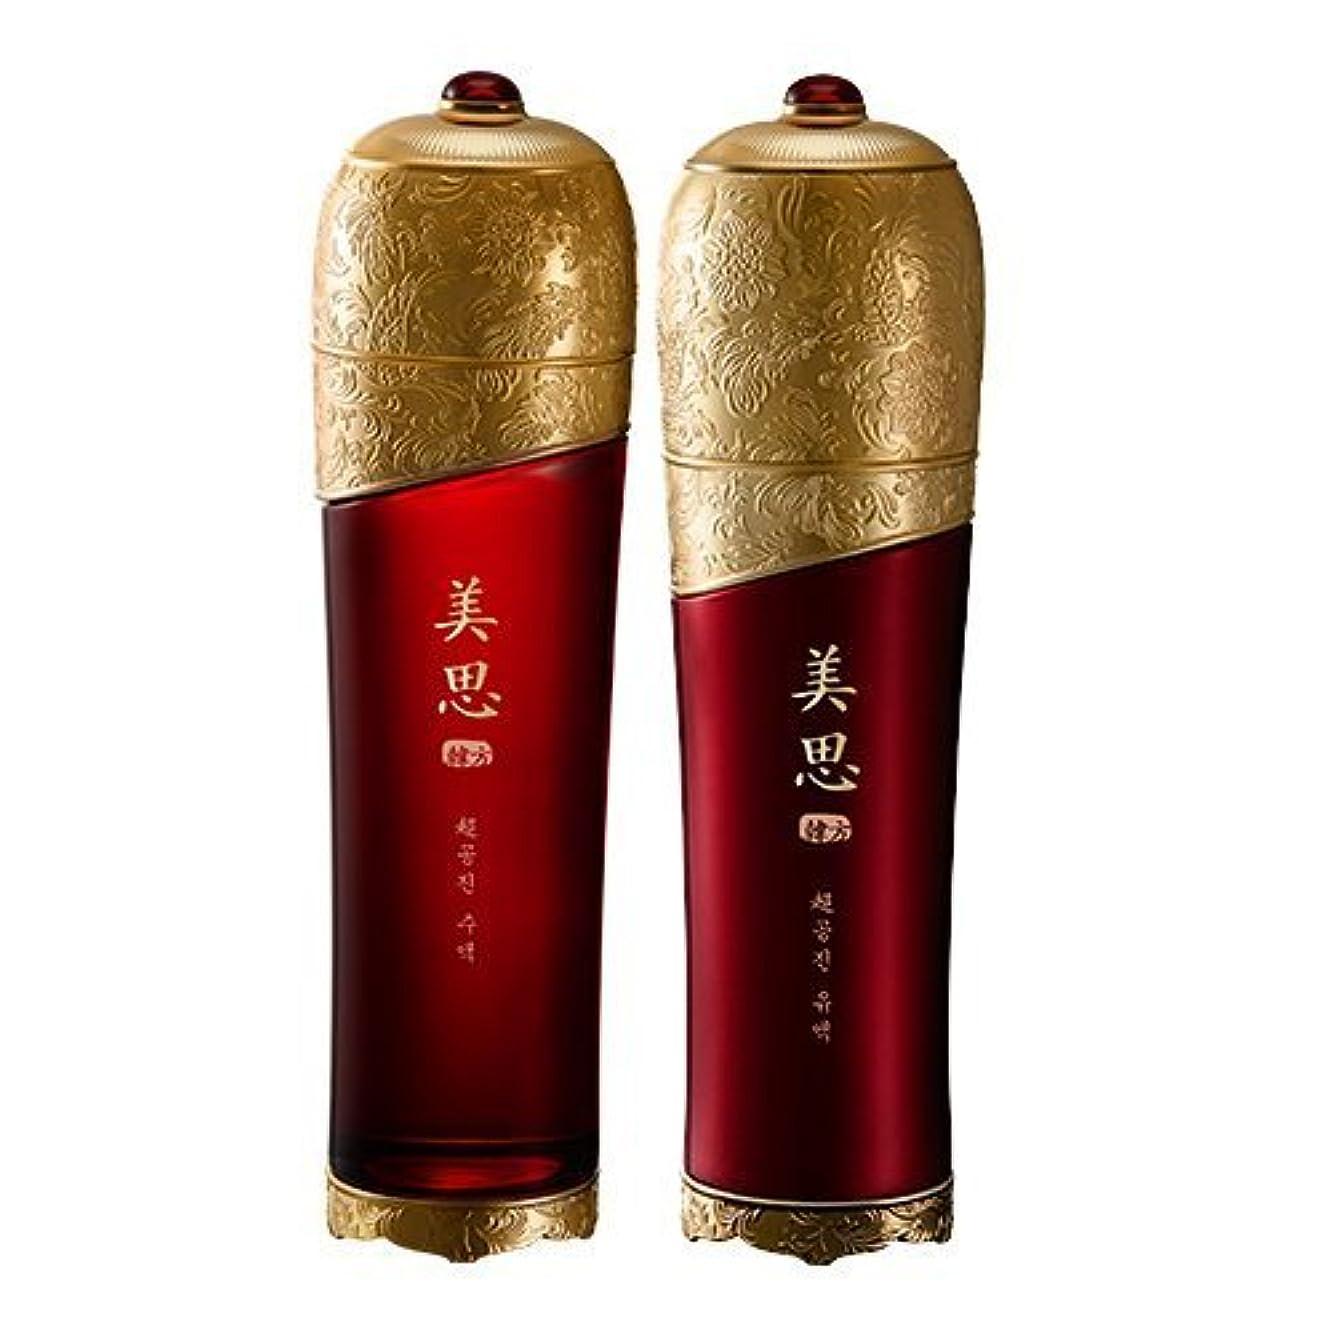 なすボクシング慣れているMISSHA(ミシャ) 美思 韓方 チョゴンジン 基礎化粧品 スキンケア 化粧水+乳液=お得2種Set